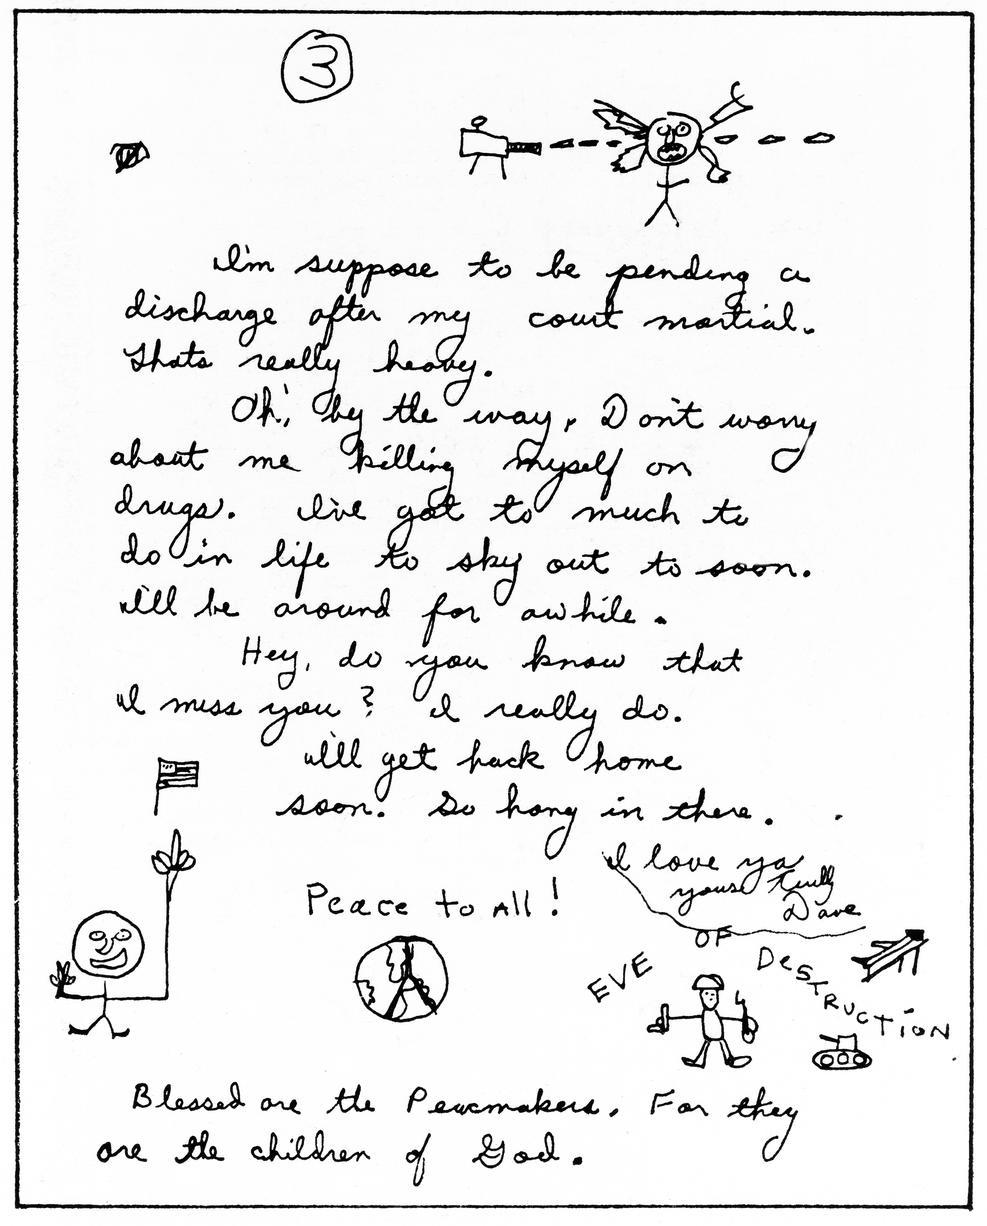 Part of letter written by Berkowitz - written by Bertkowitz in 1972 while stationed in Korea